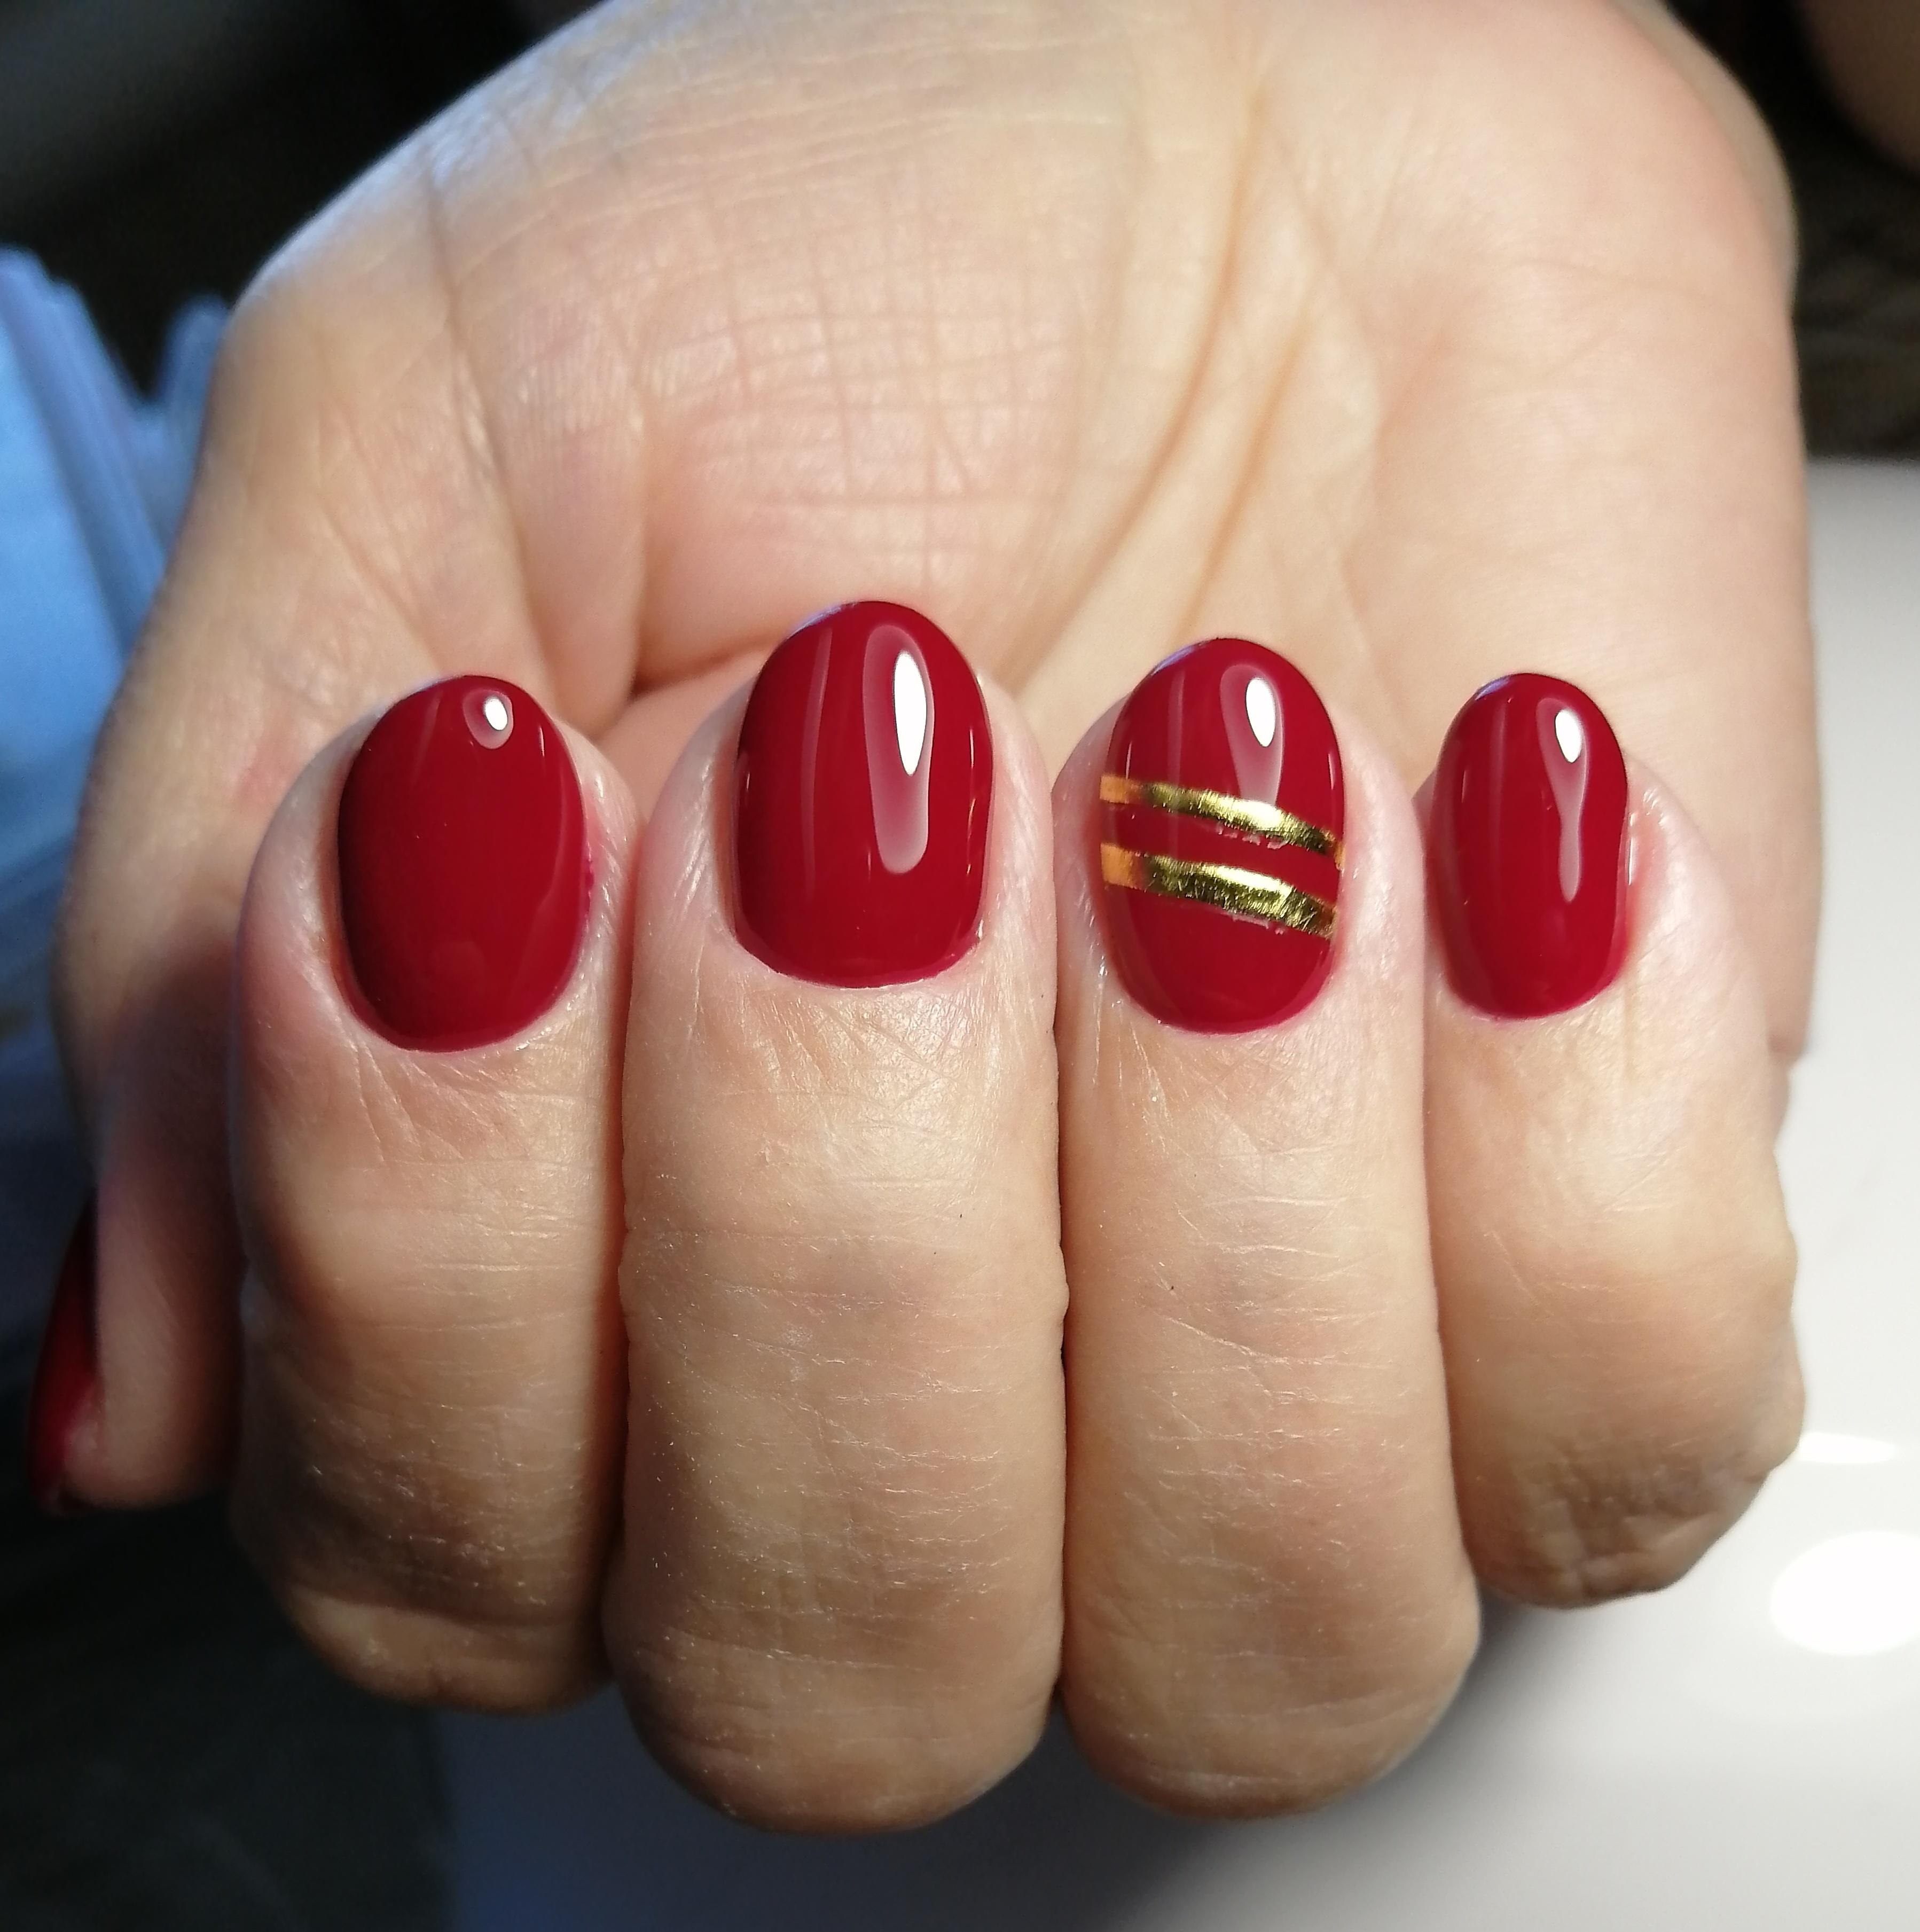 Маникюр с золотыми полосками в темно-красном цвете.